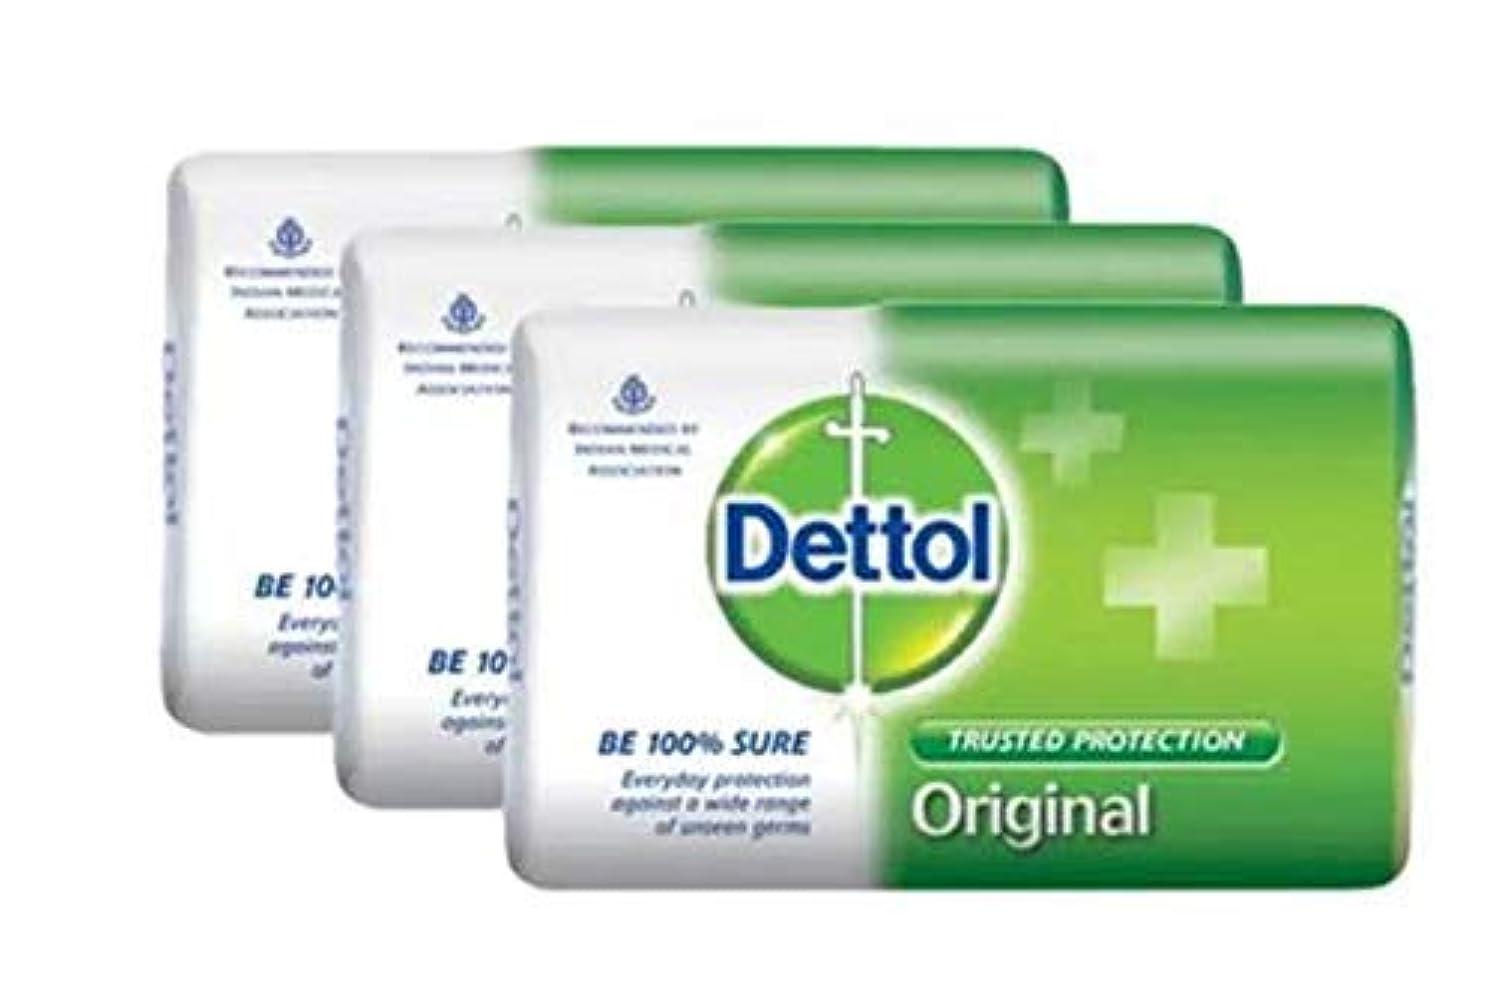 フラップおしゃれな識別するDettol 固形石鹸オリジナル4x105g-は、信頼Dettol保護から目に見えない細菌の広い範囲を提供しています。これは、皮膚の衛生と清潔を浄化し、保護します